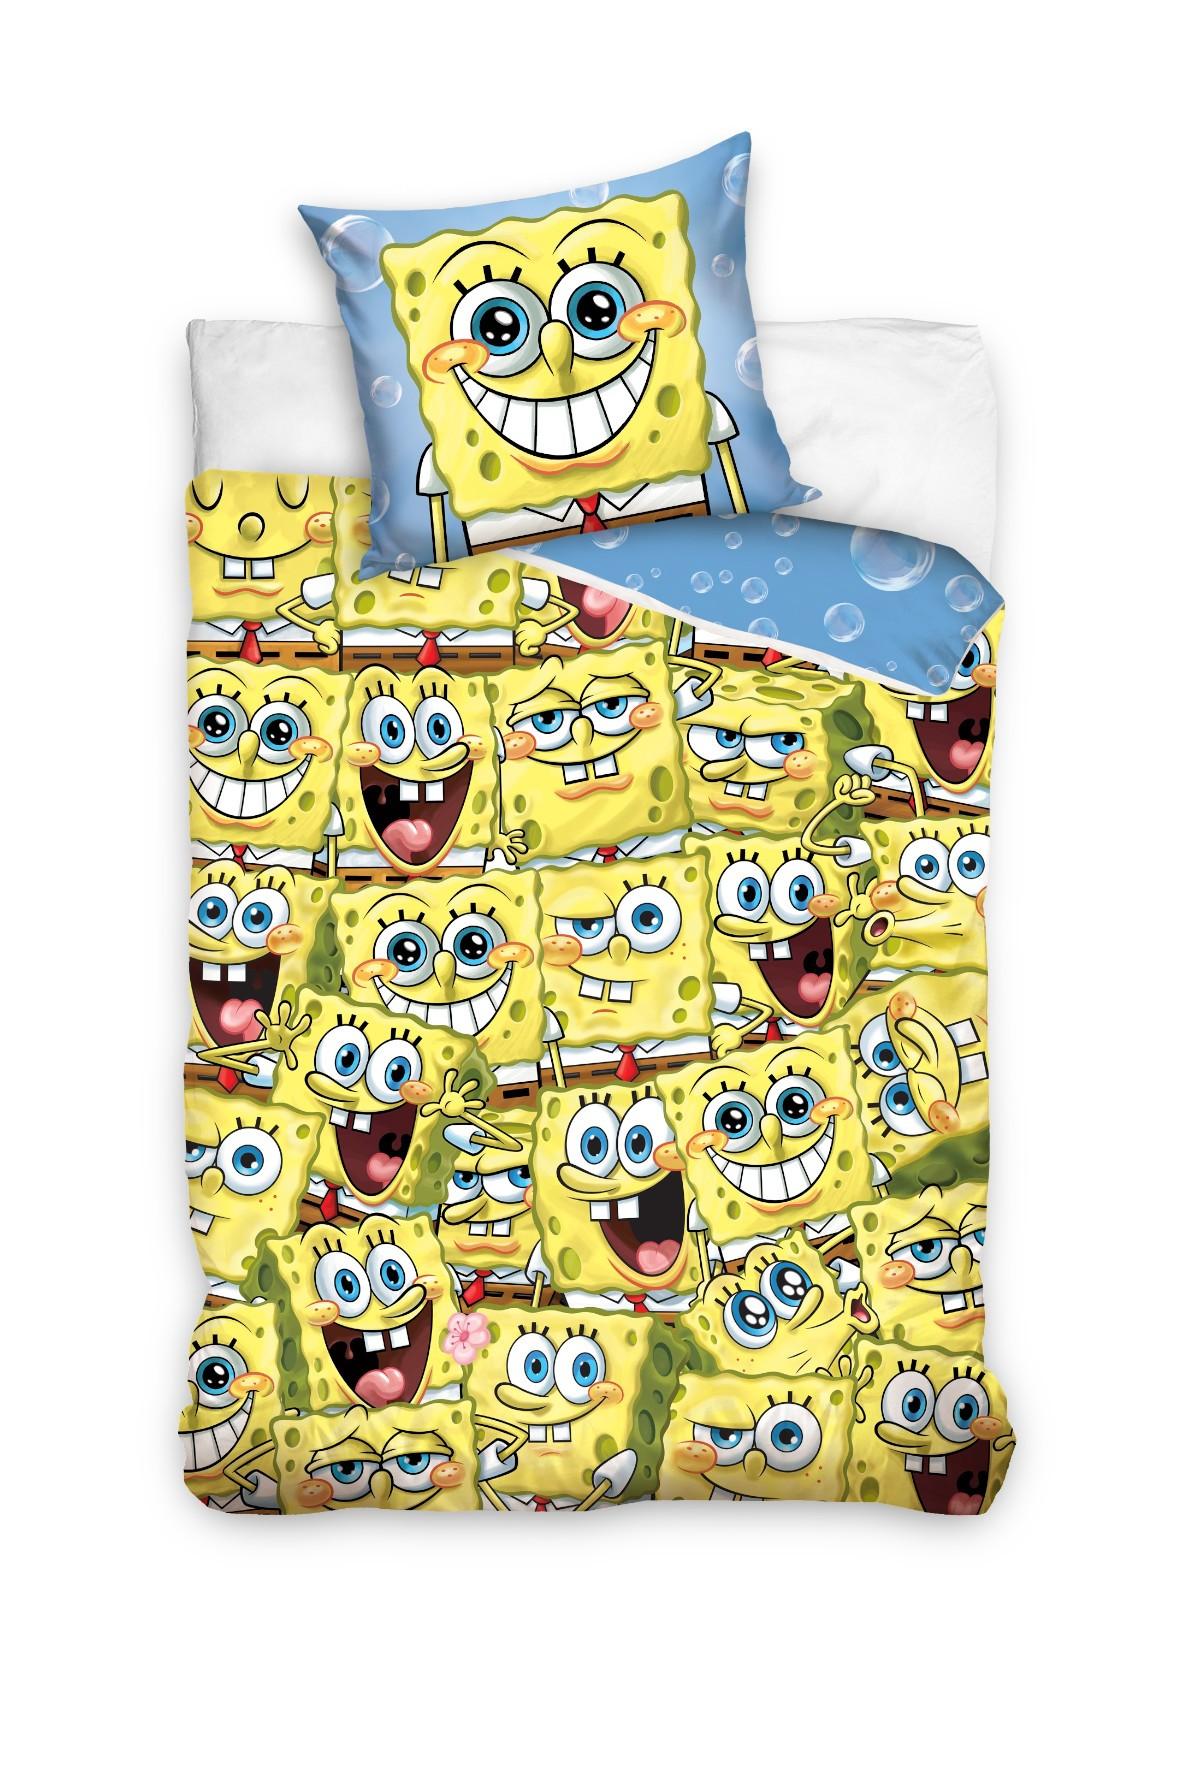 Komplet pościeli bawełnianej Sponge Bob 160x200+70x80 cm